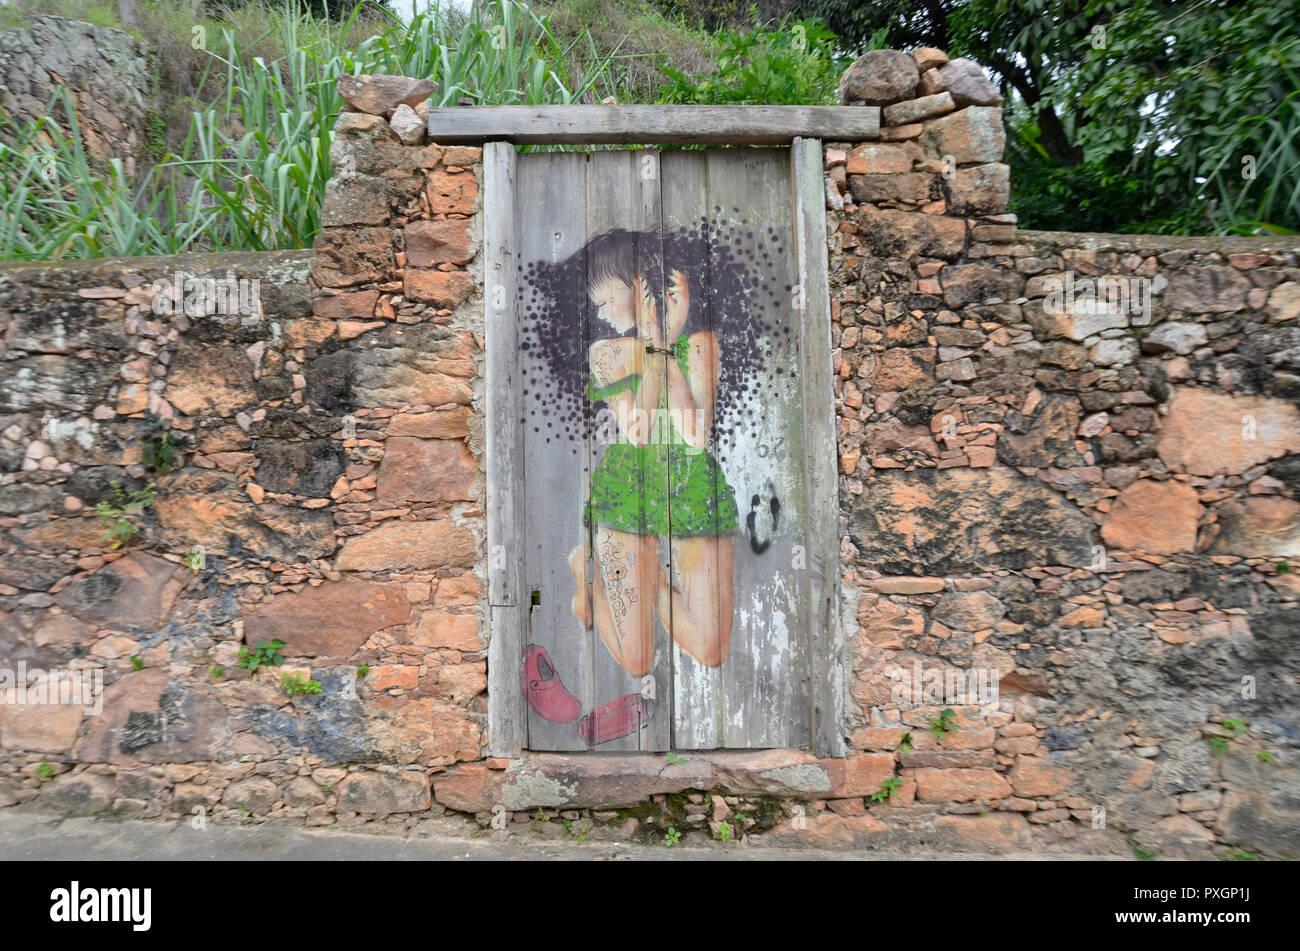 Fotografias diversas; Natureza, vida selvagem, prédios históricos, paisagens e culturas da America do Sul. Immagini Stock